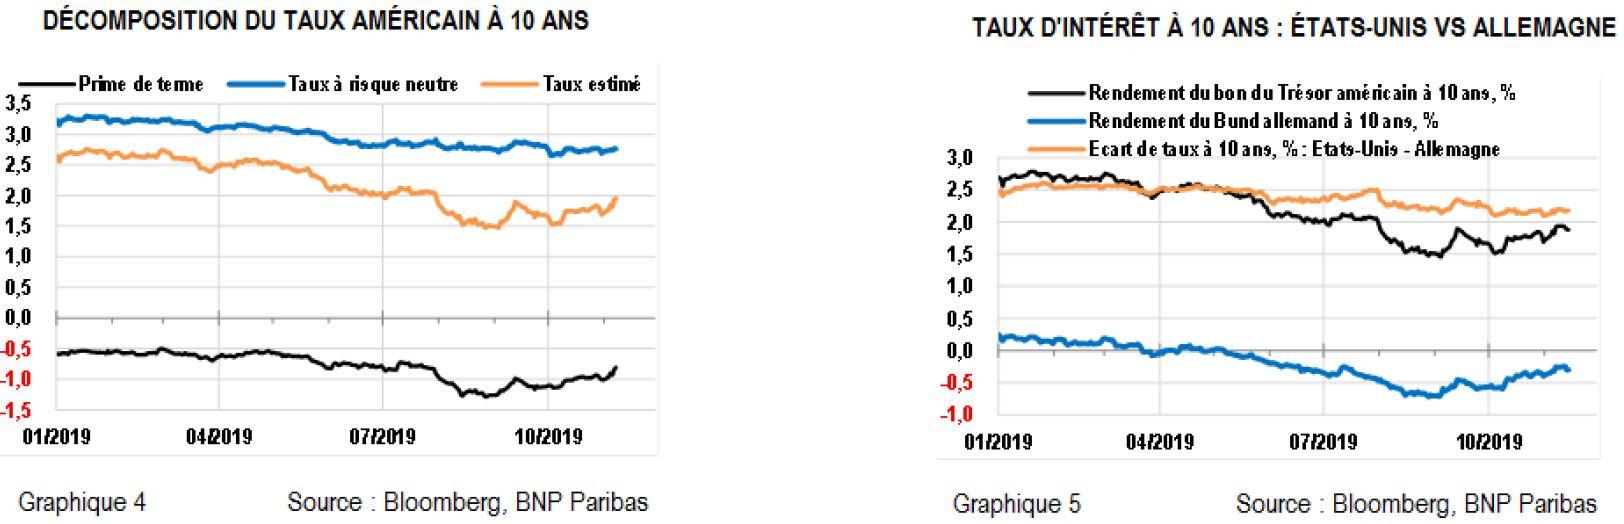 Rendements Obligataires Et Marches Actions Les Raisons De La Recente Hausse Allnews